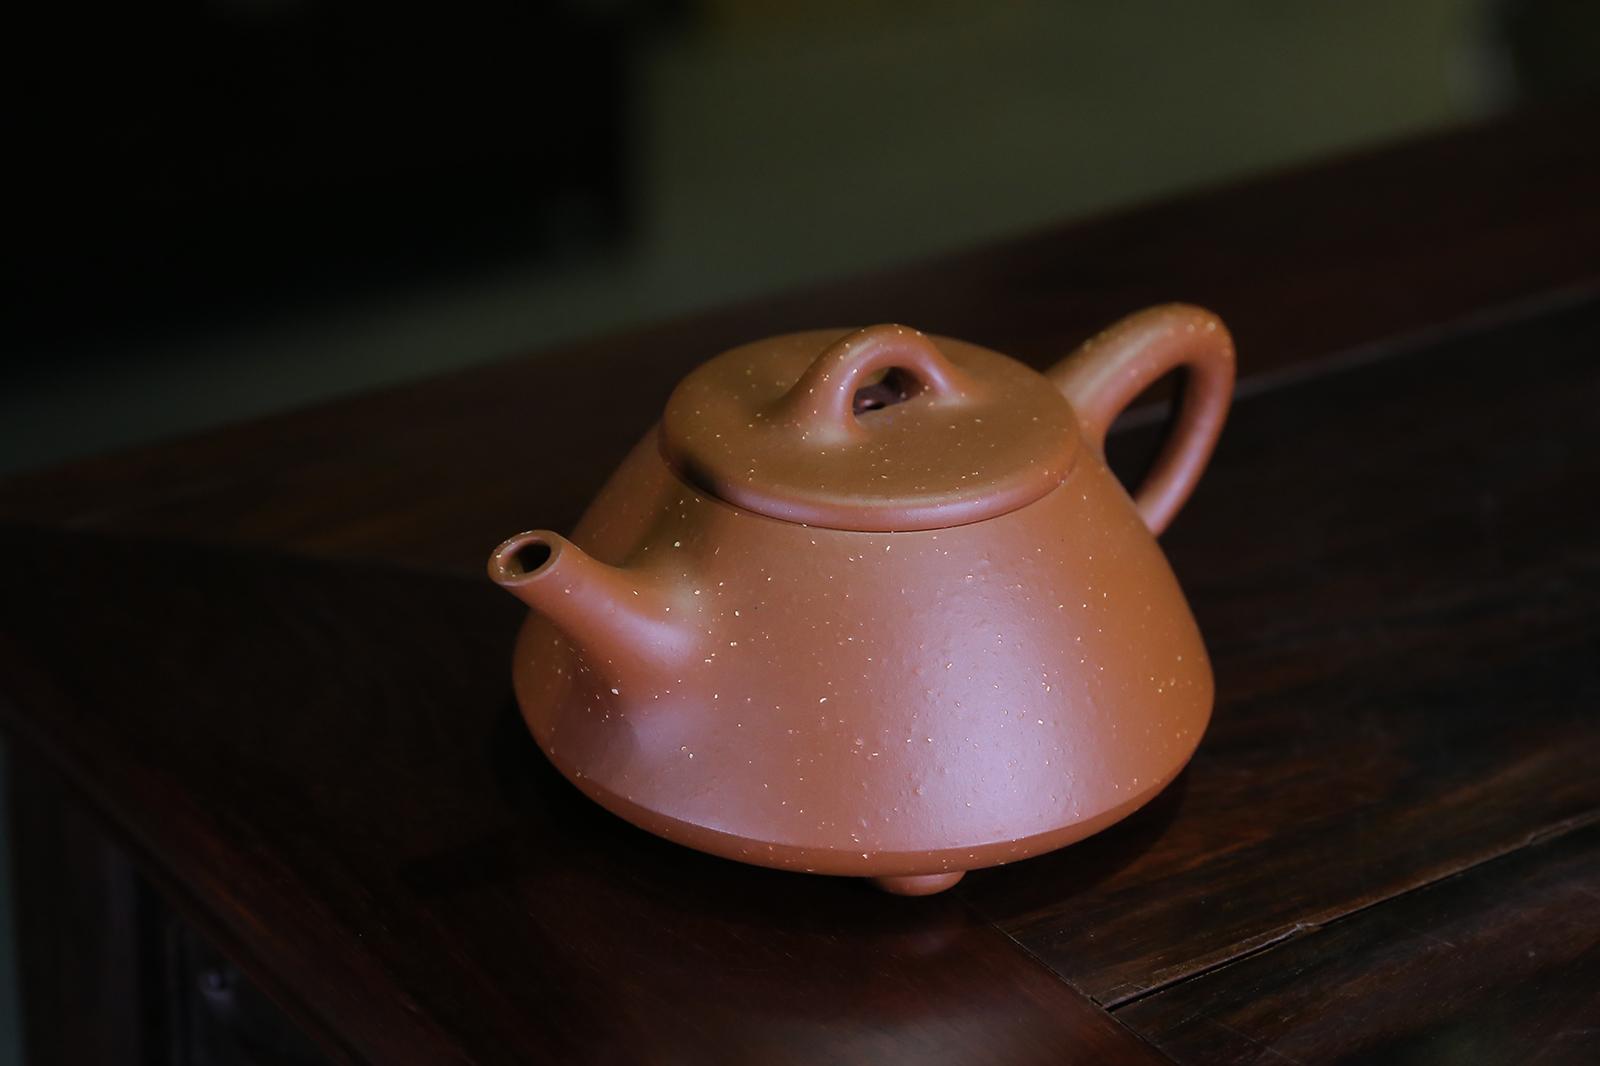 紫砂壶收藏看职称还是看作品